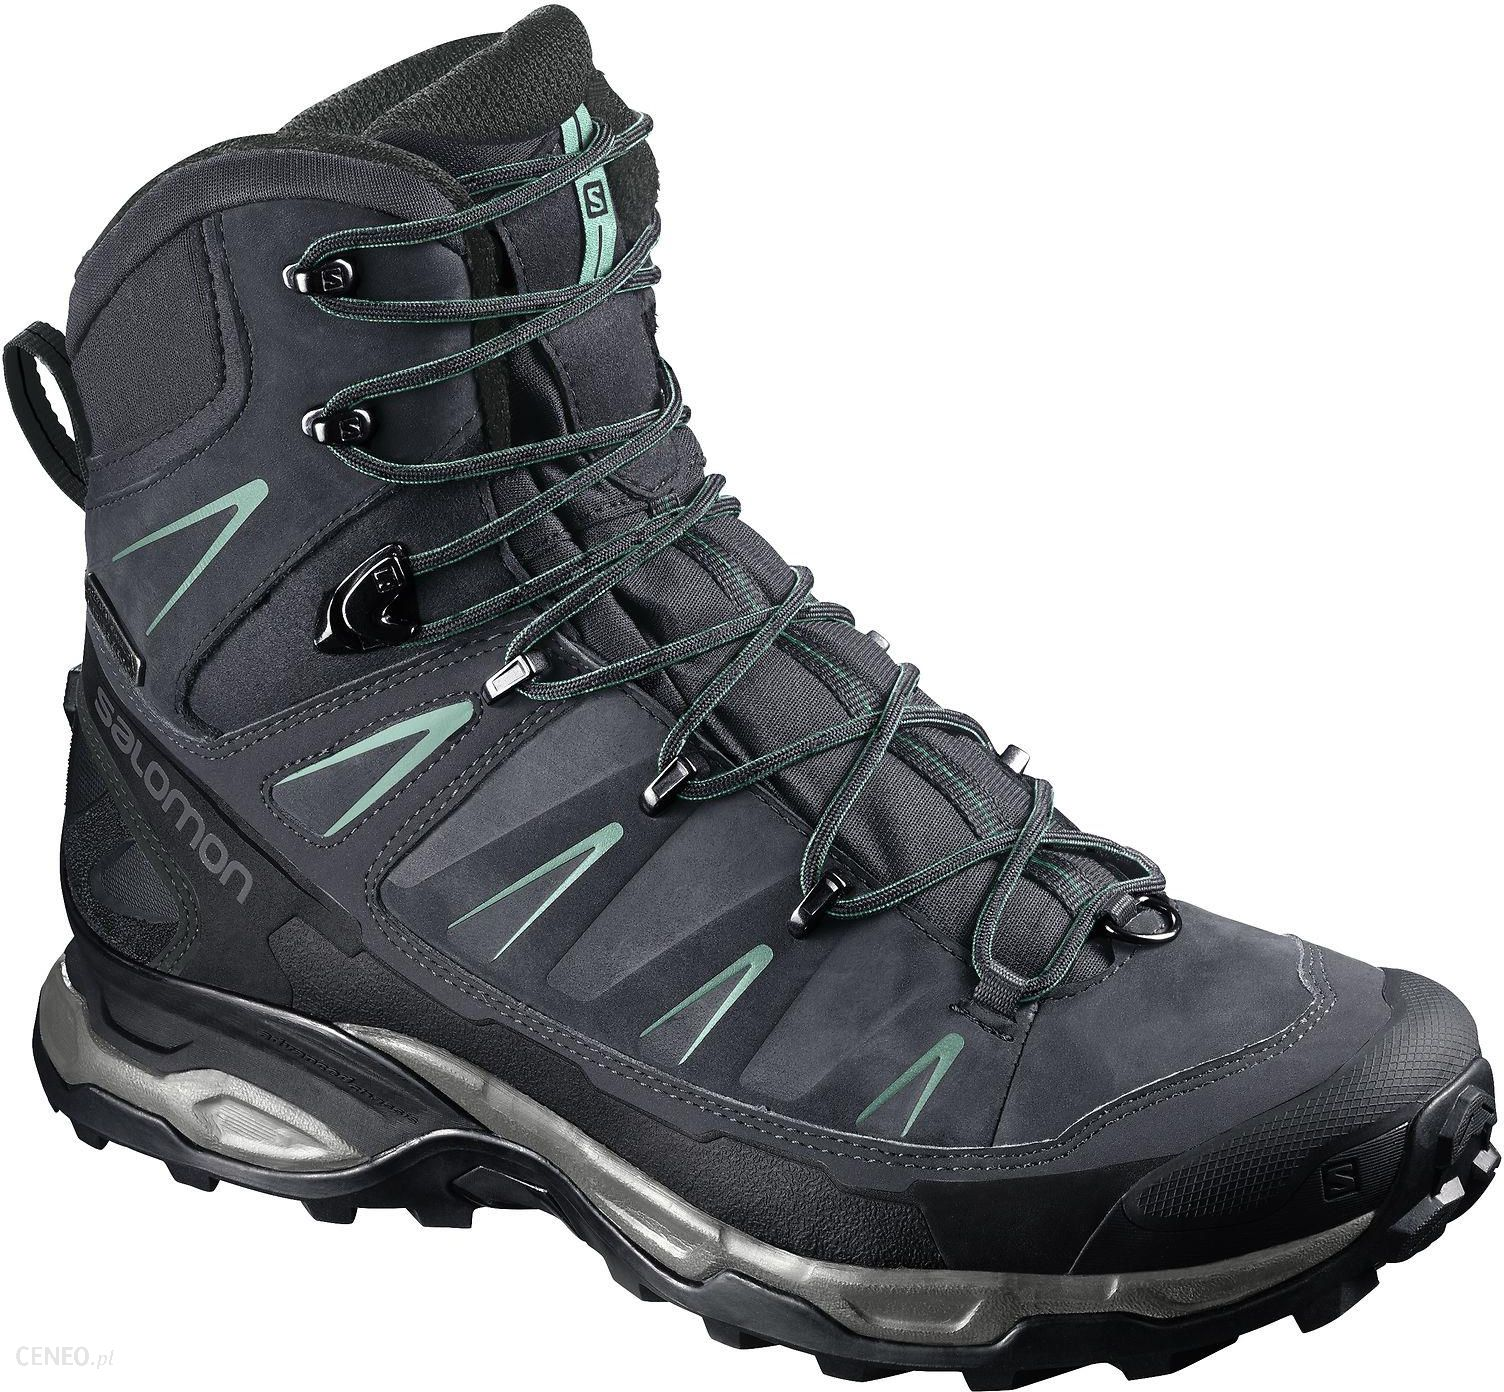 Buty trekkingowe Salomon X Ultra Trek Gtx W 404631 D Cloud Black Cristal Ceny i opinie Ceneo.pl